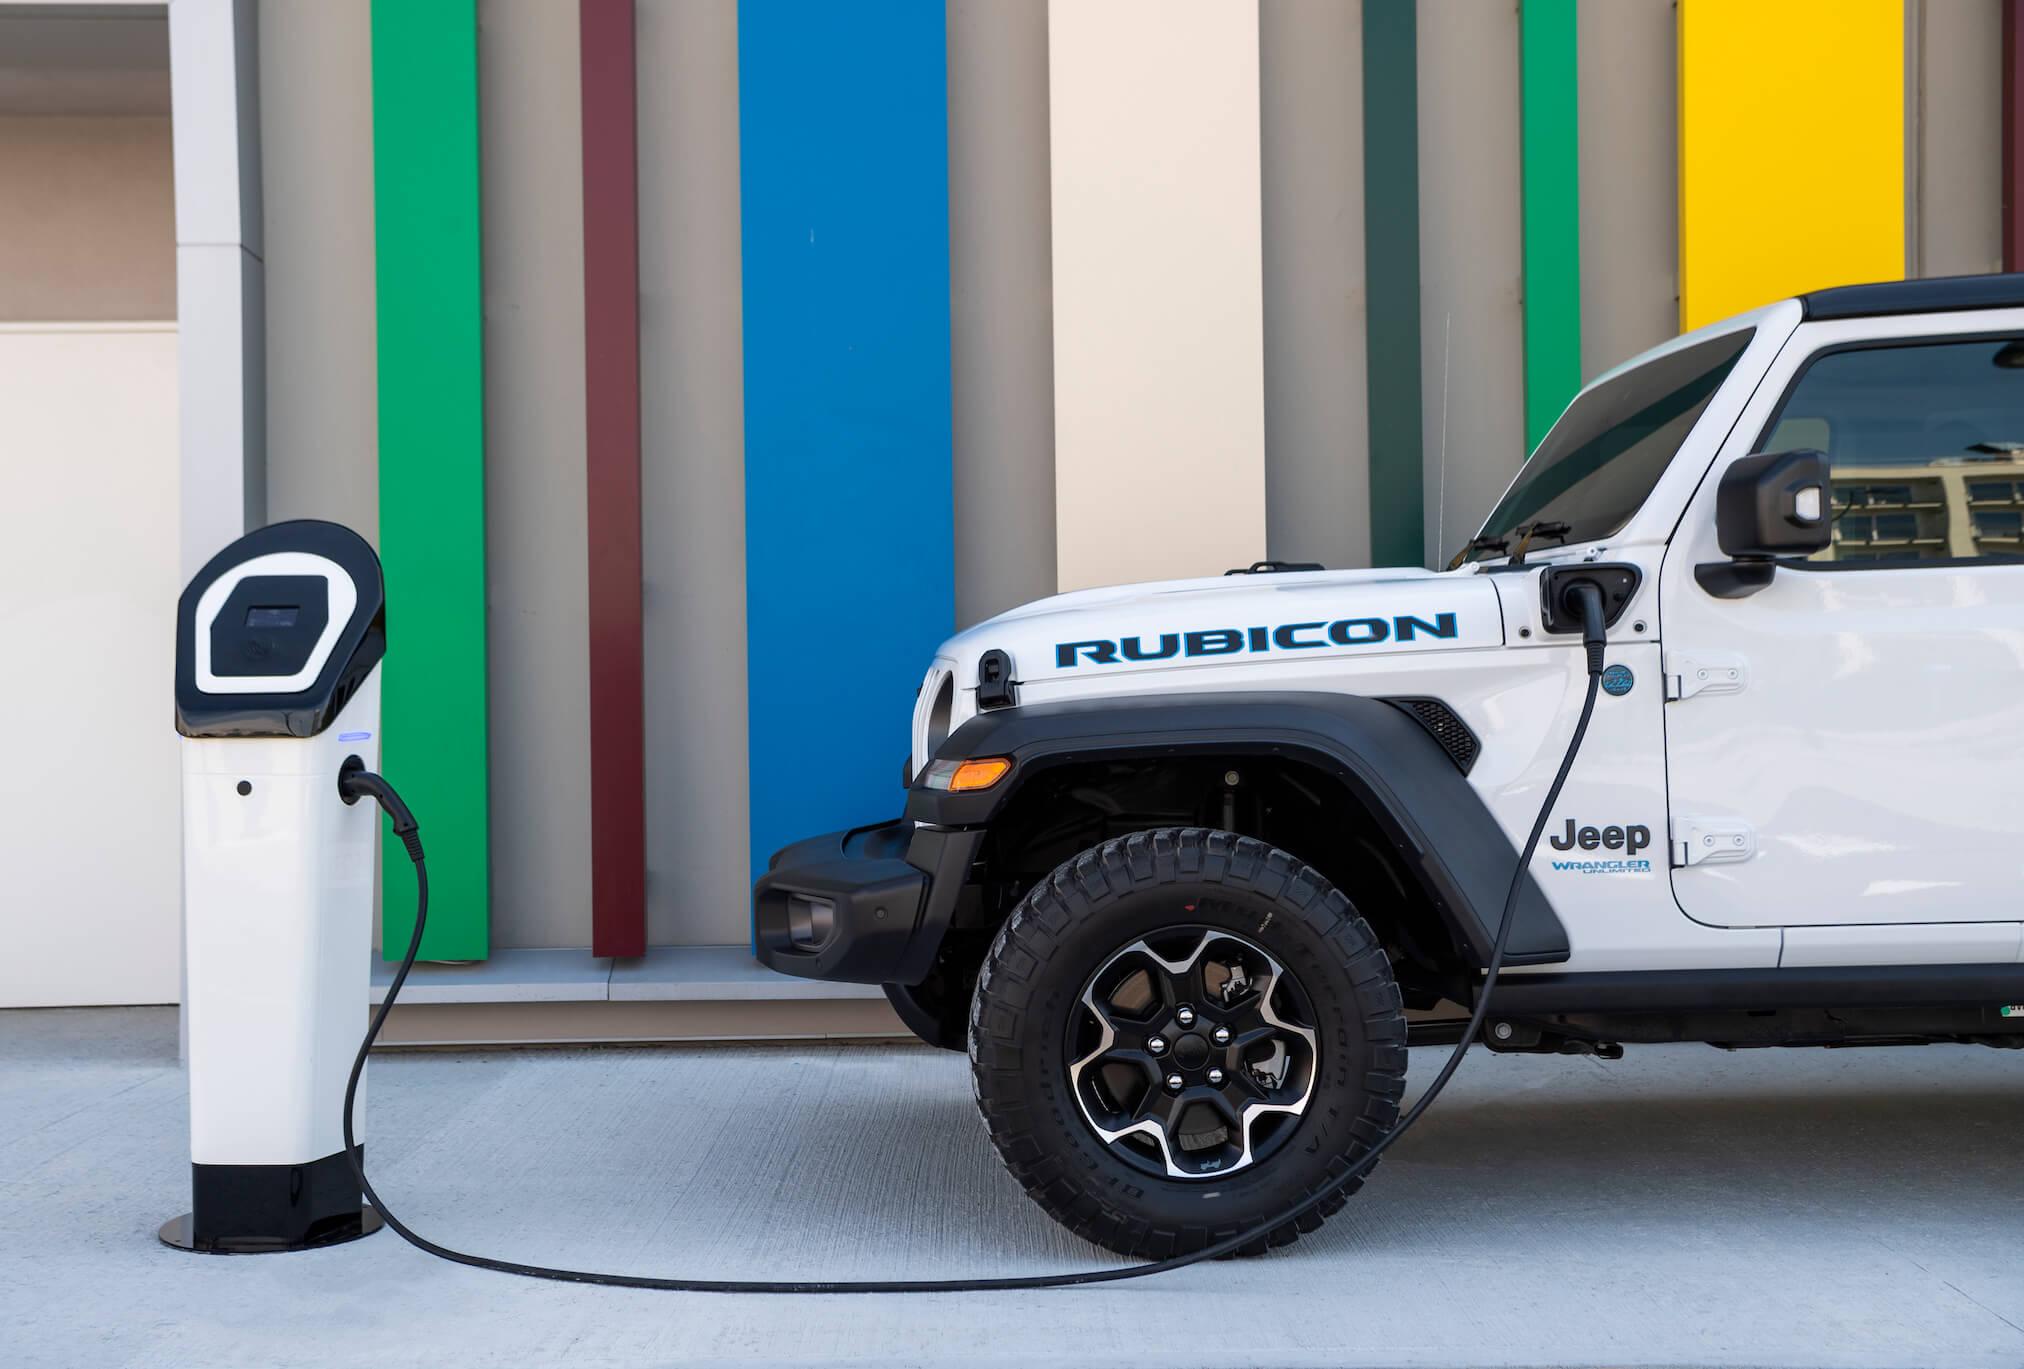 JeepWranger4xeRubicon (4)